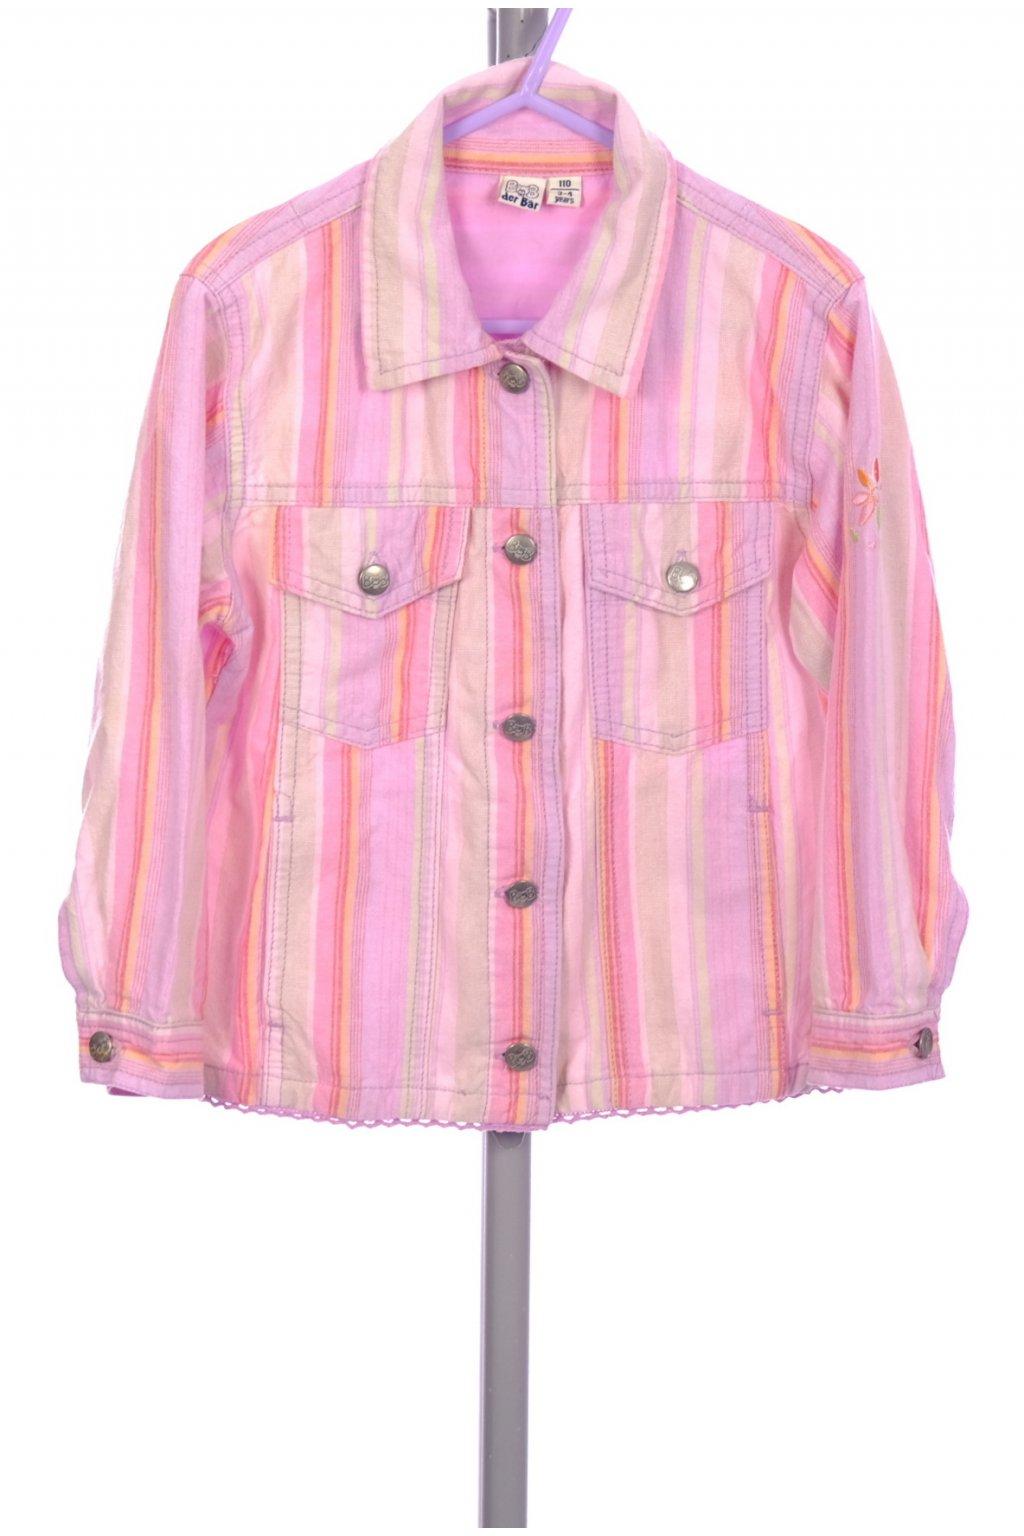 Bunda dívčí BOB der Bar růžová pruhovaná na knoflíky vel. 104 / 3 - 4 r